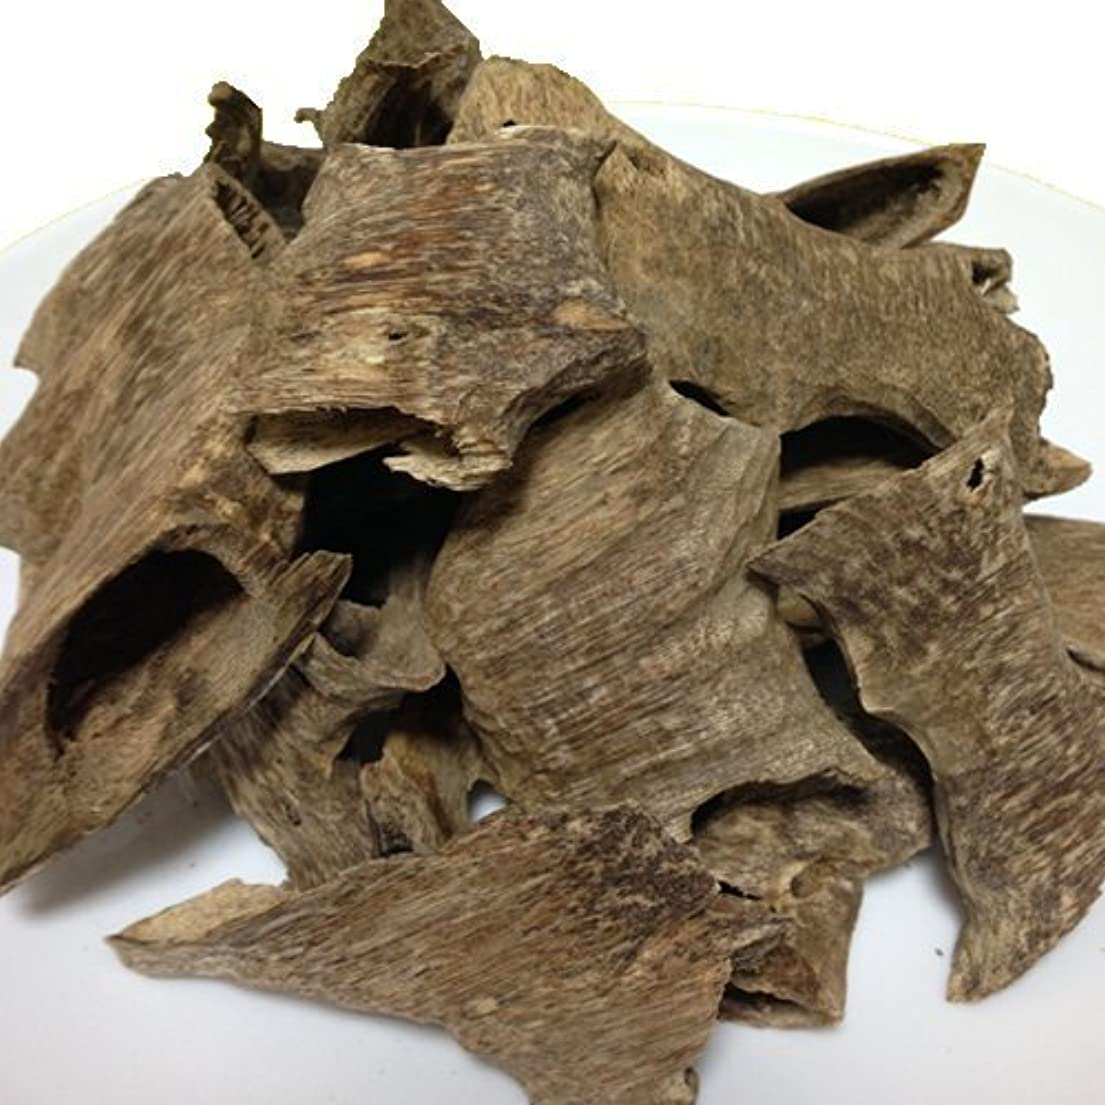 文明化するリブ注目すべき[ Vietnam market ] Agarwood Chips (Aloeswood Agalloch Eaglewood) From Vietnam 3.5 Oz by Vietnam market [並行輸入品]